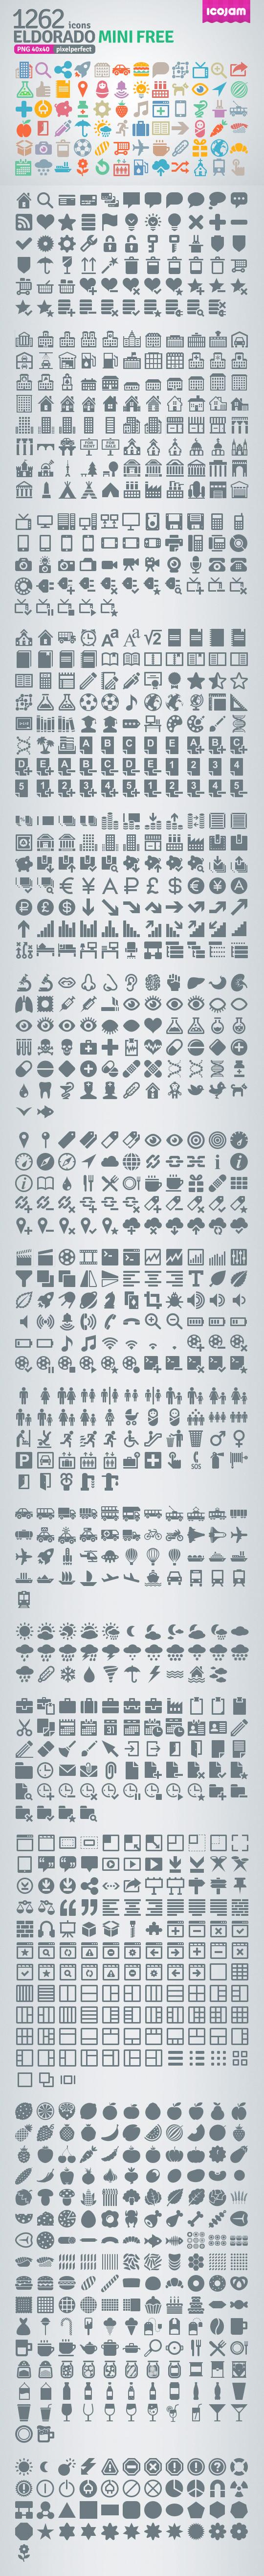 Eldorado 1262 Free Icons Free Icons Pinterest